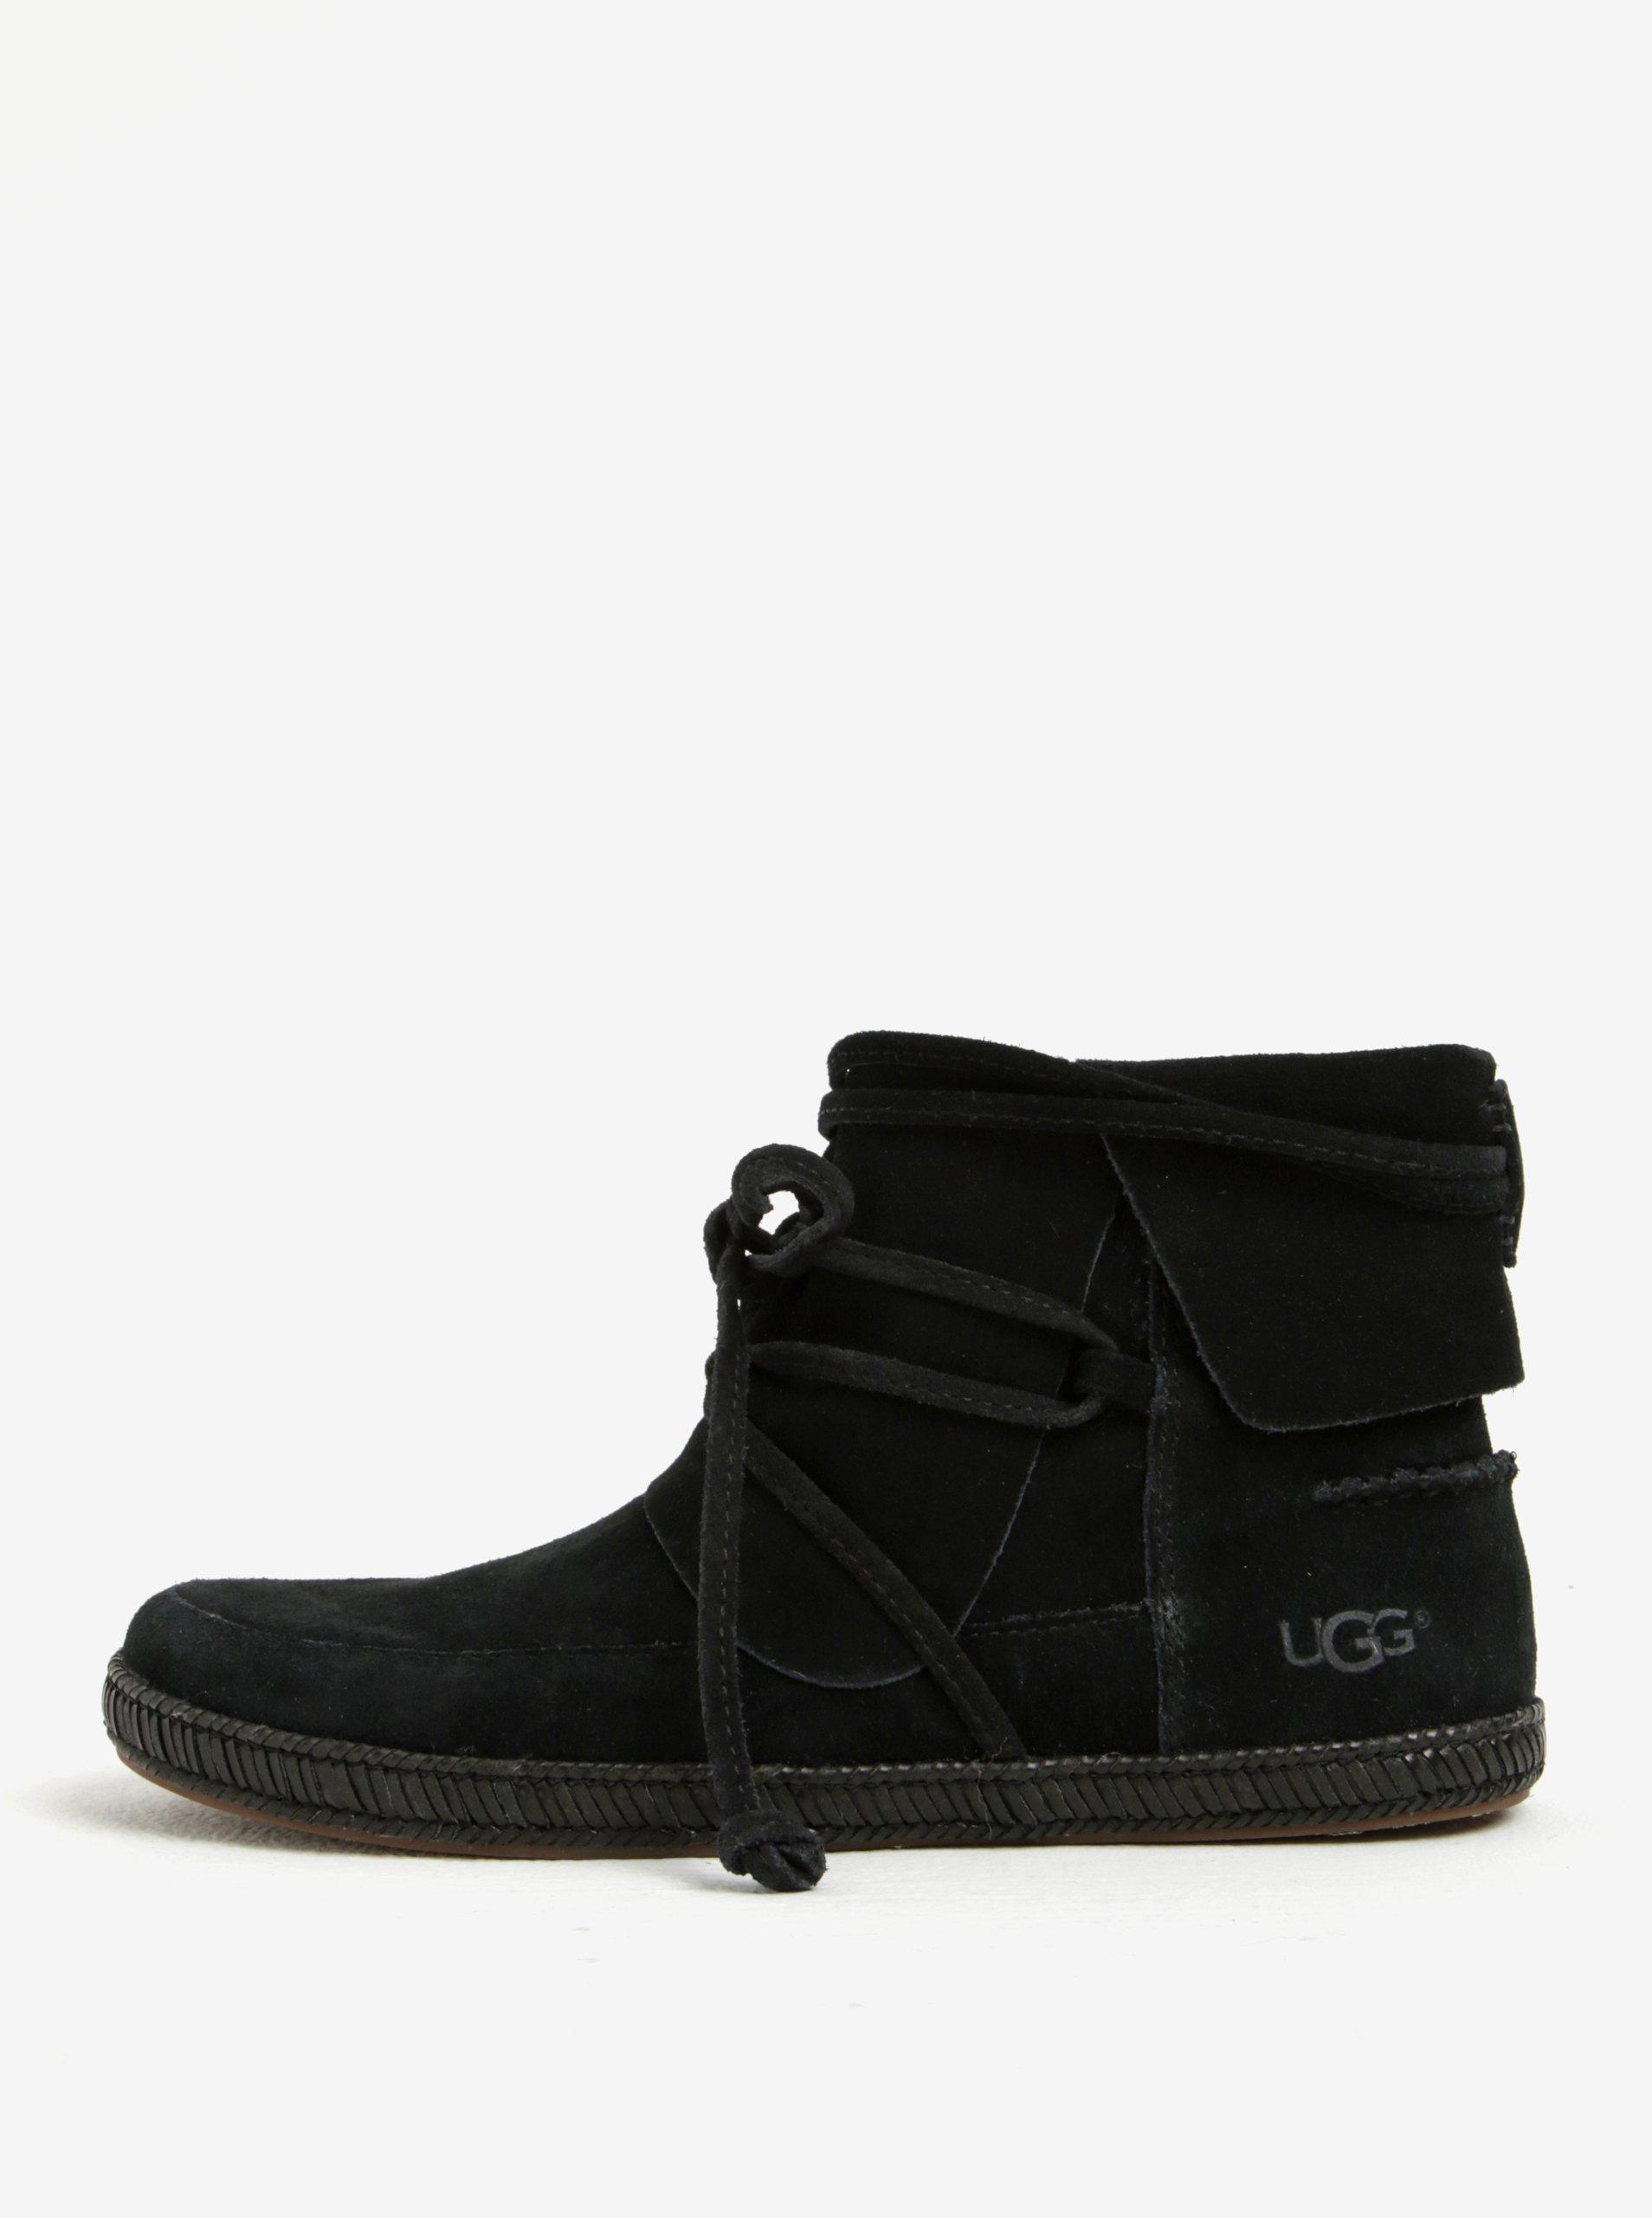 bdc32e1c39e Černé zimní semišové kotníkové voděodolné boty UGG Reid